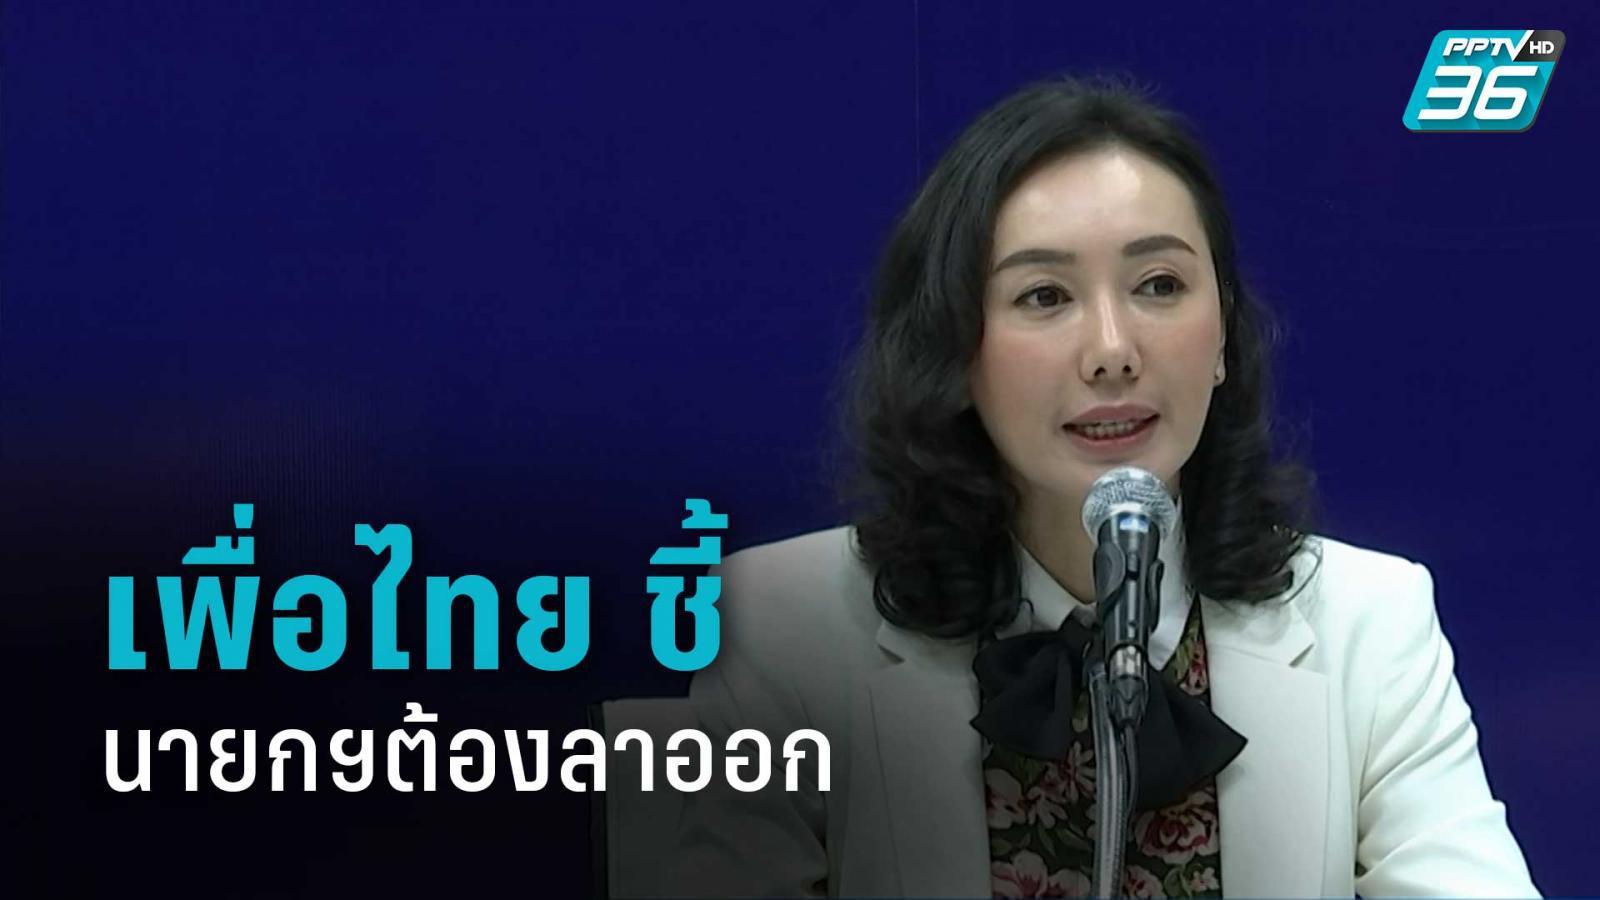 เพื่อไทย ชี้นายกฯต้องลาออกเนื่องจากเป็นต้นเหตุของปัญหาการเมือง